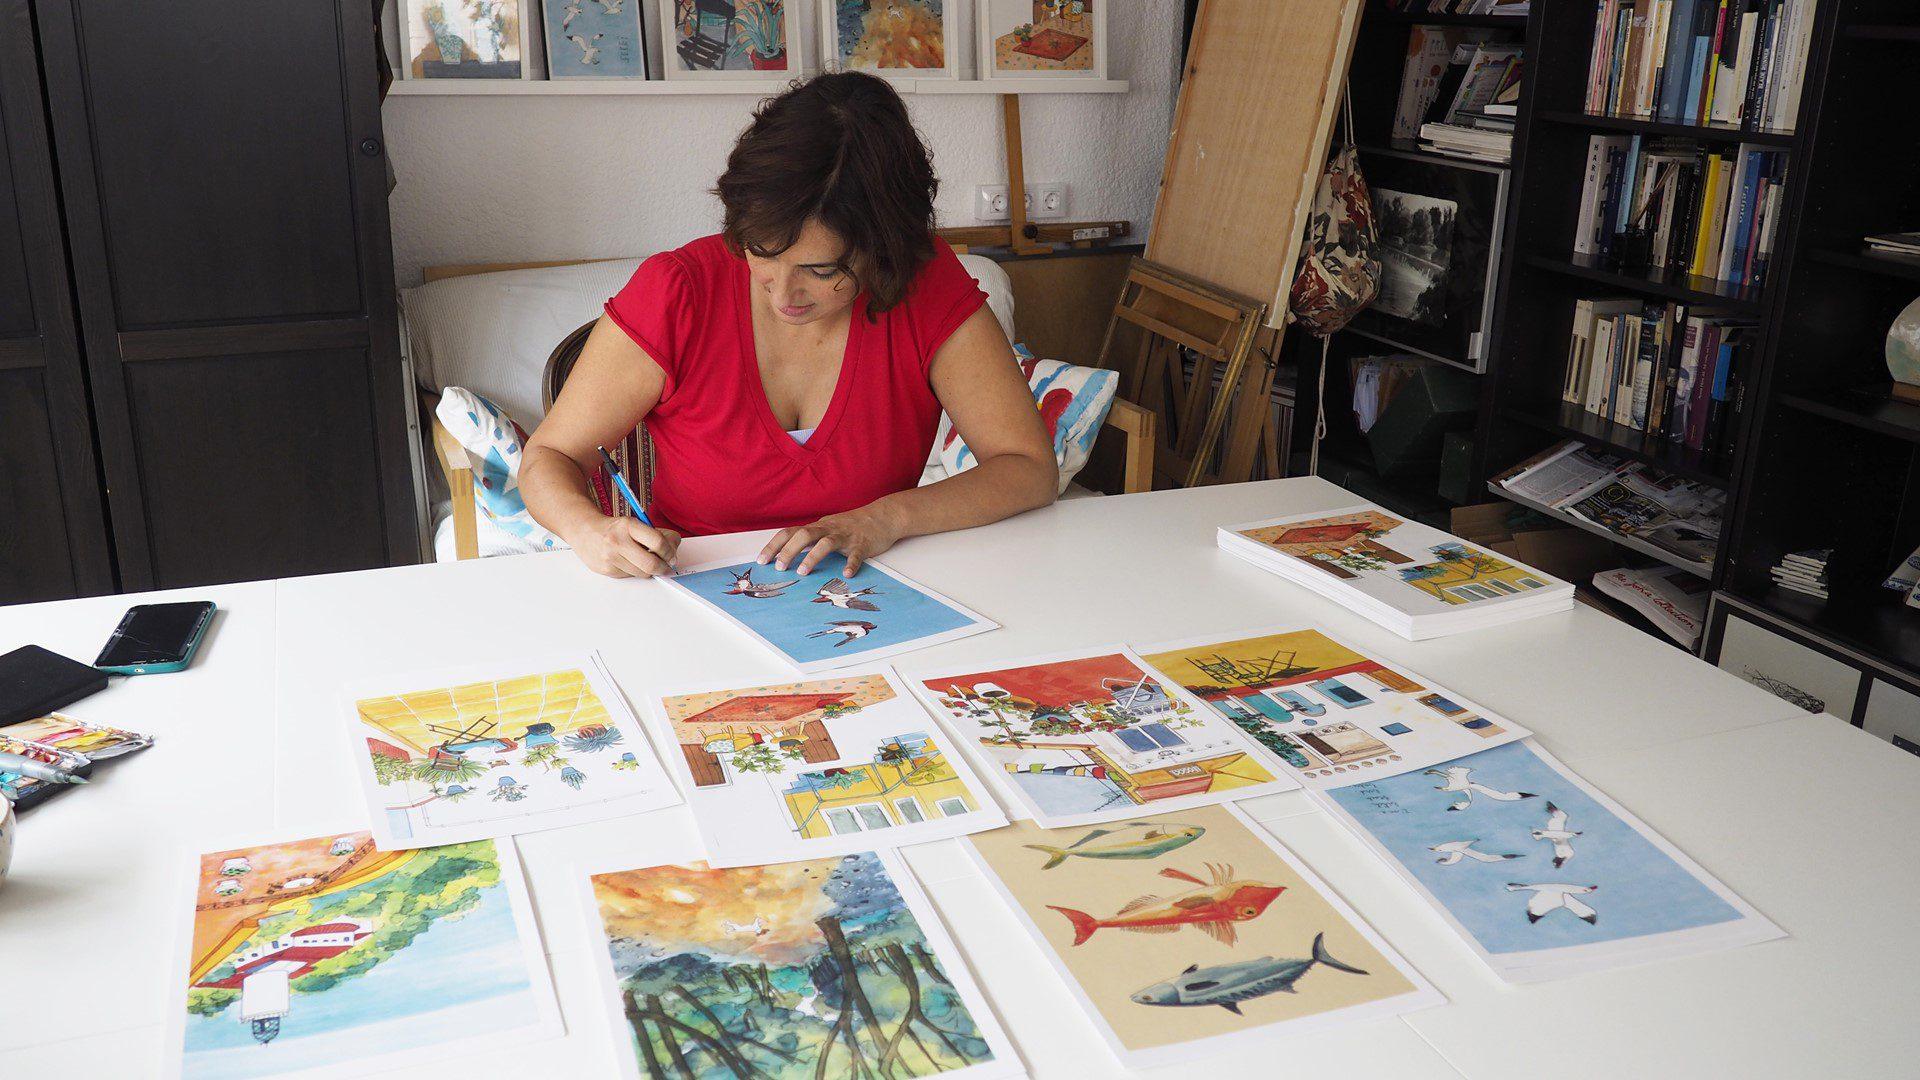 La ilustradora Olga Molina dibujando en su estudio.